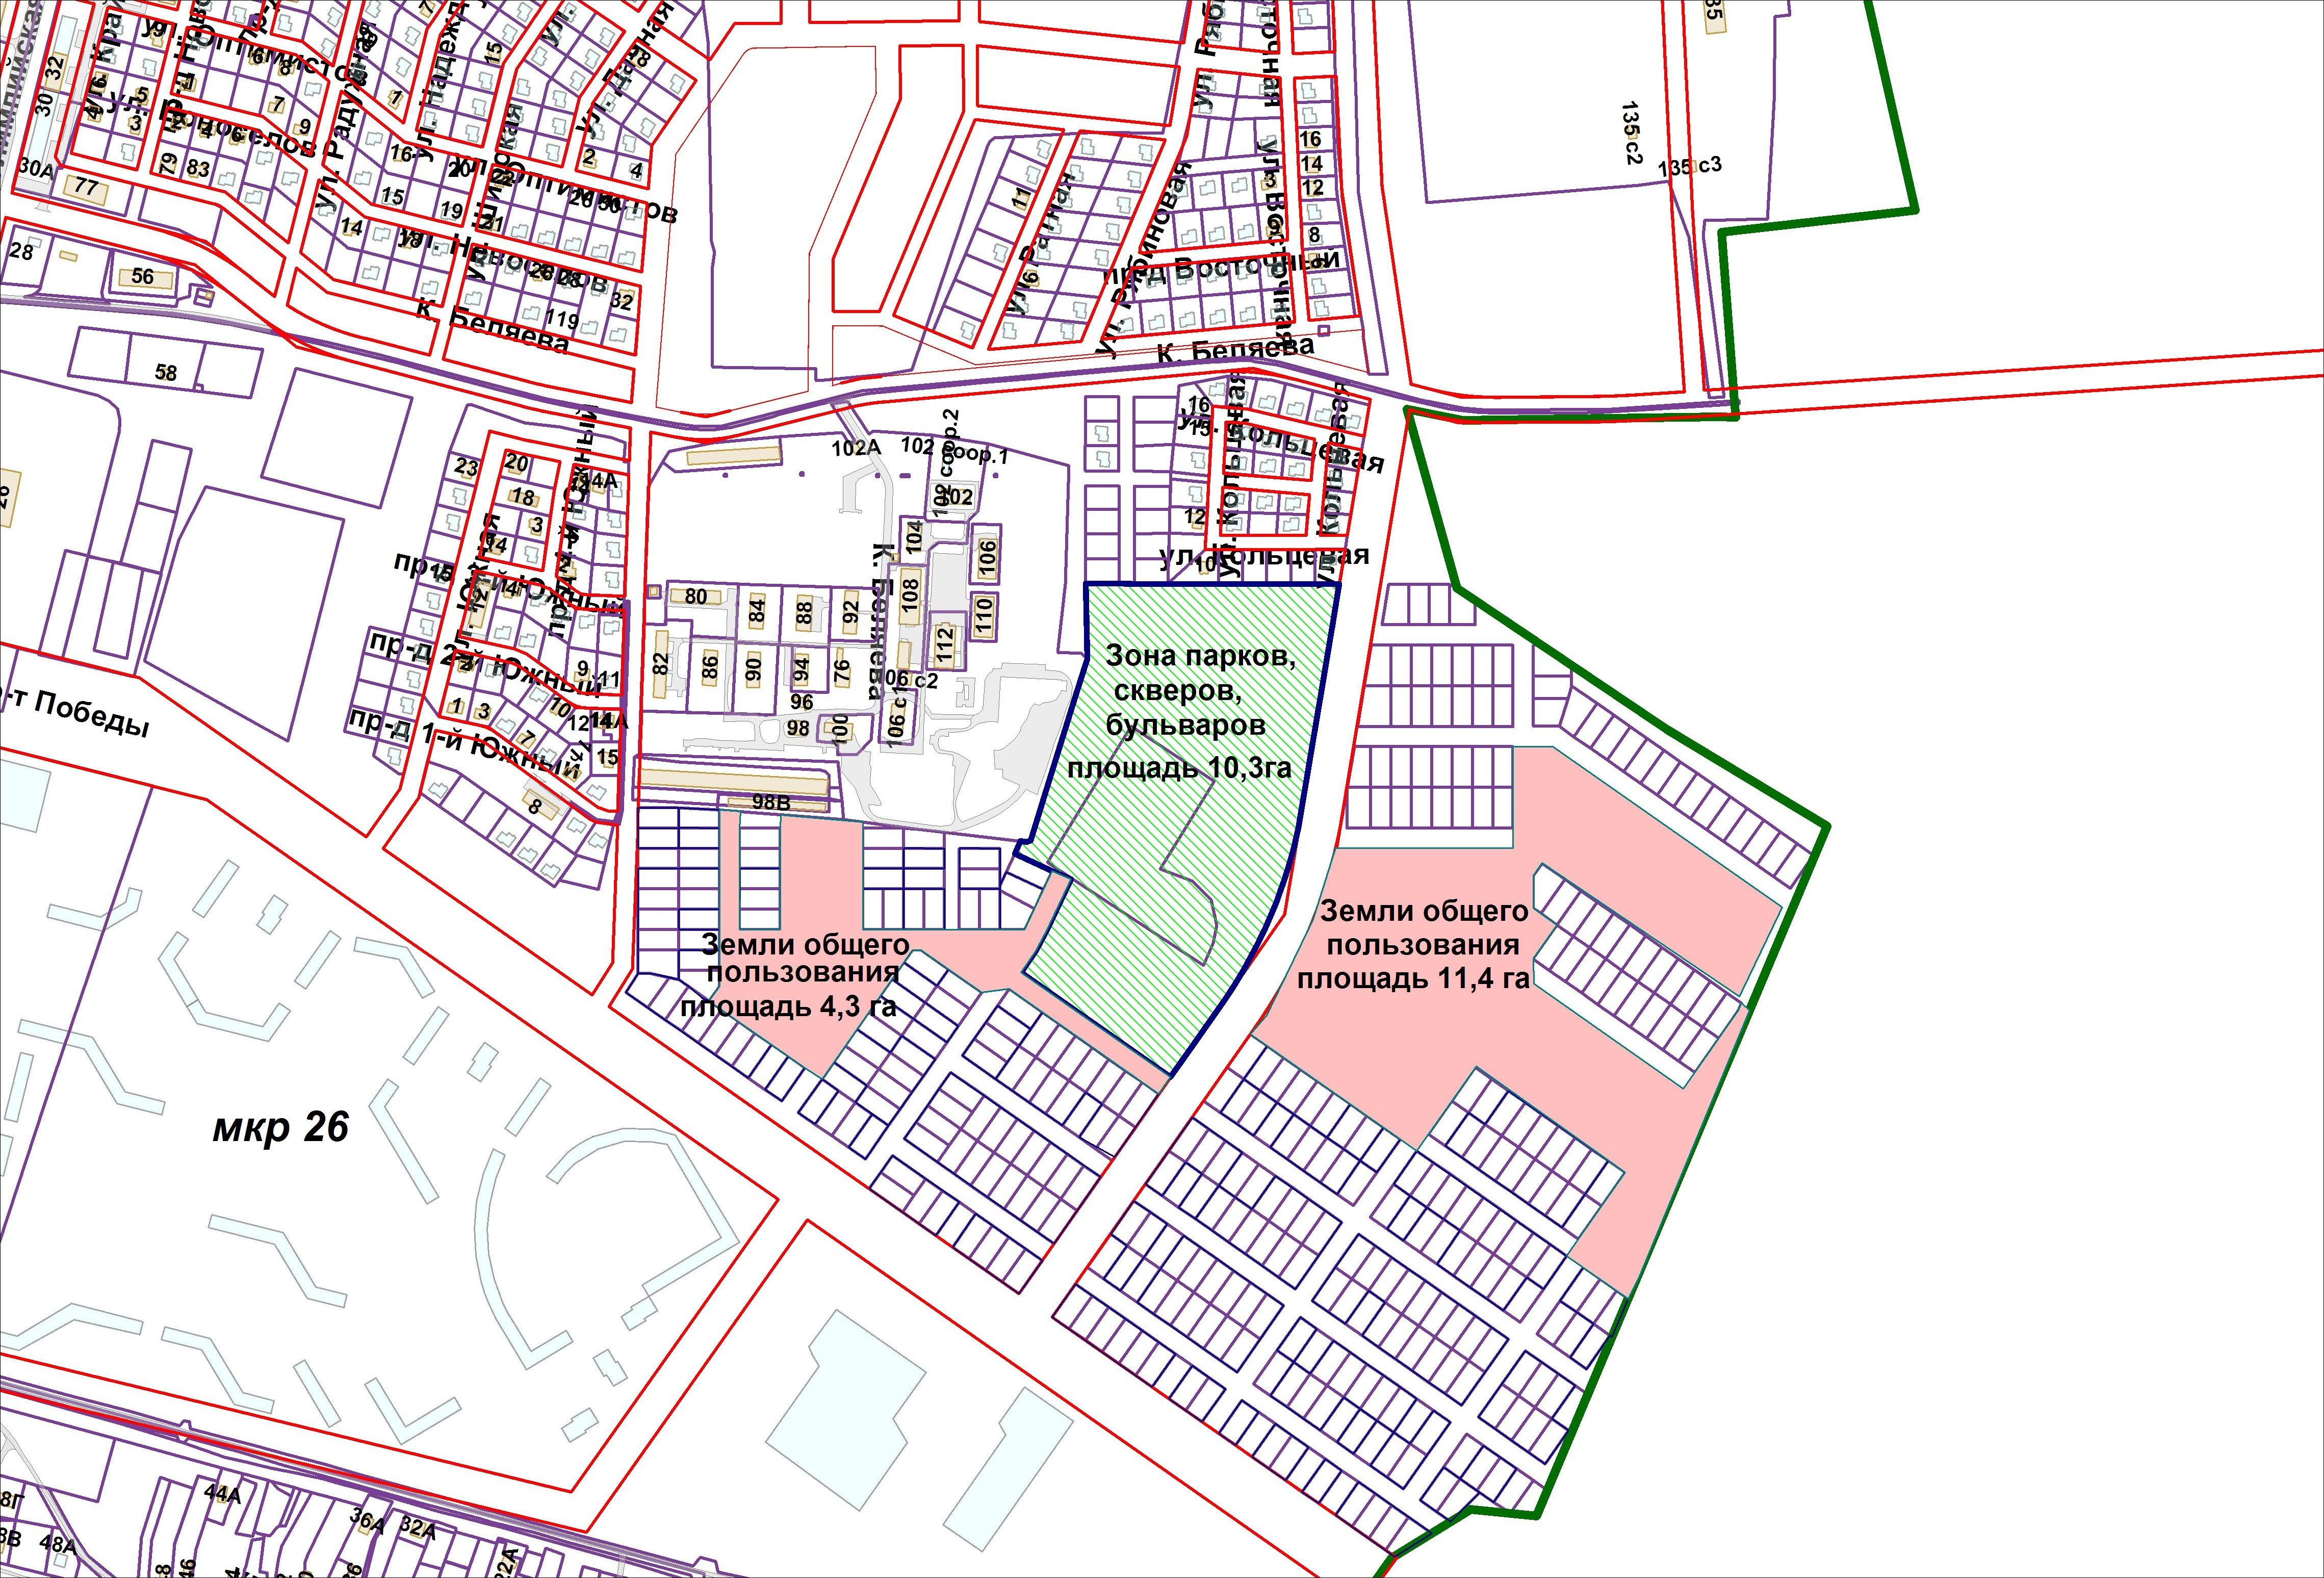 Карта зонирования